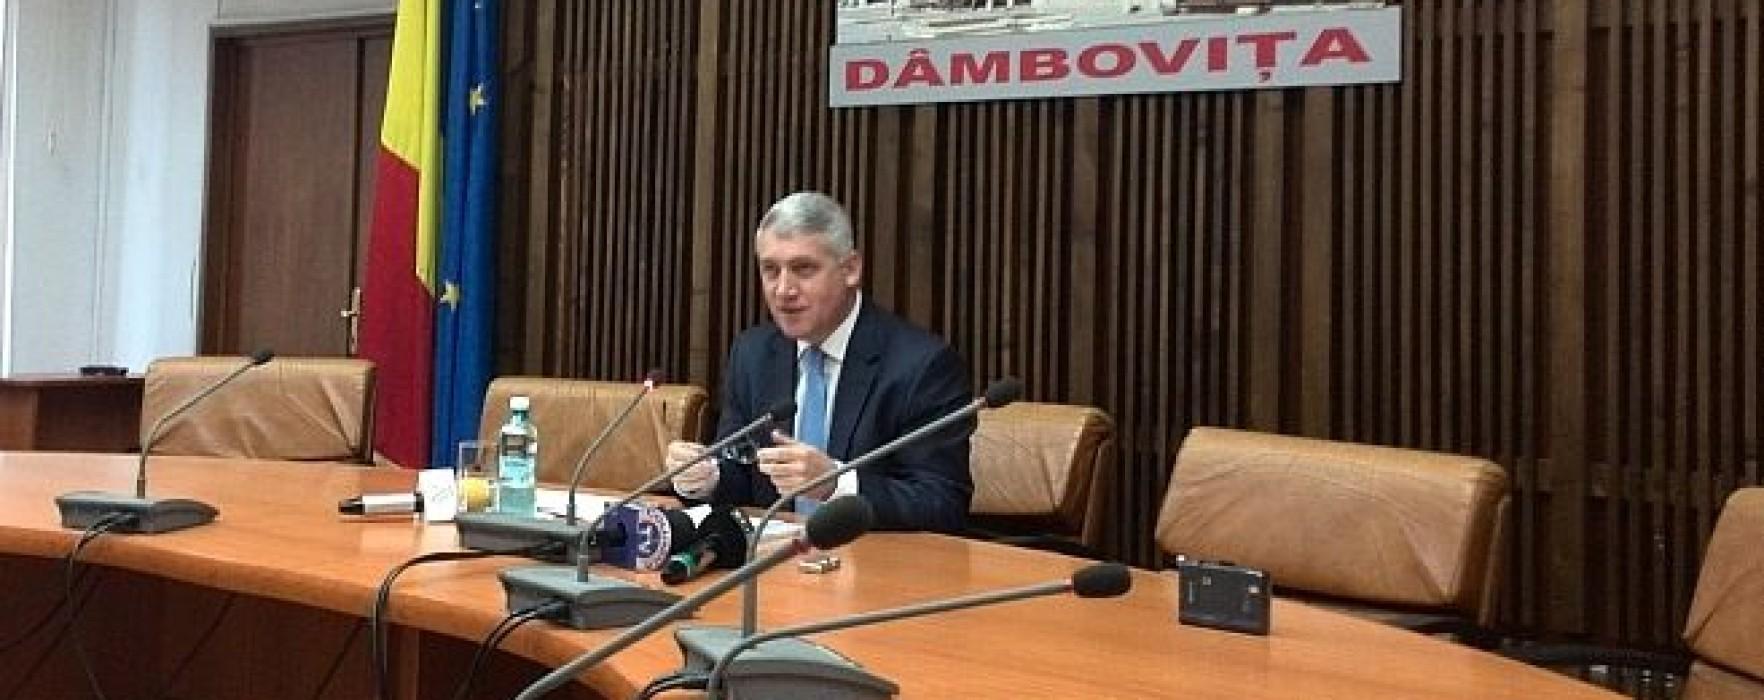 Preşedintele CJ Dâmboviţa s-a întâlnit cu directorii de şcoli din Târgovişte